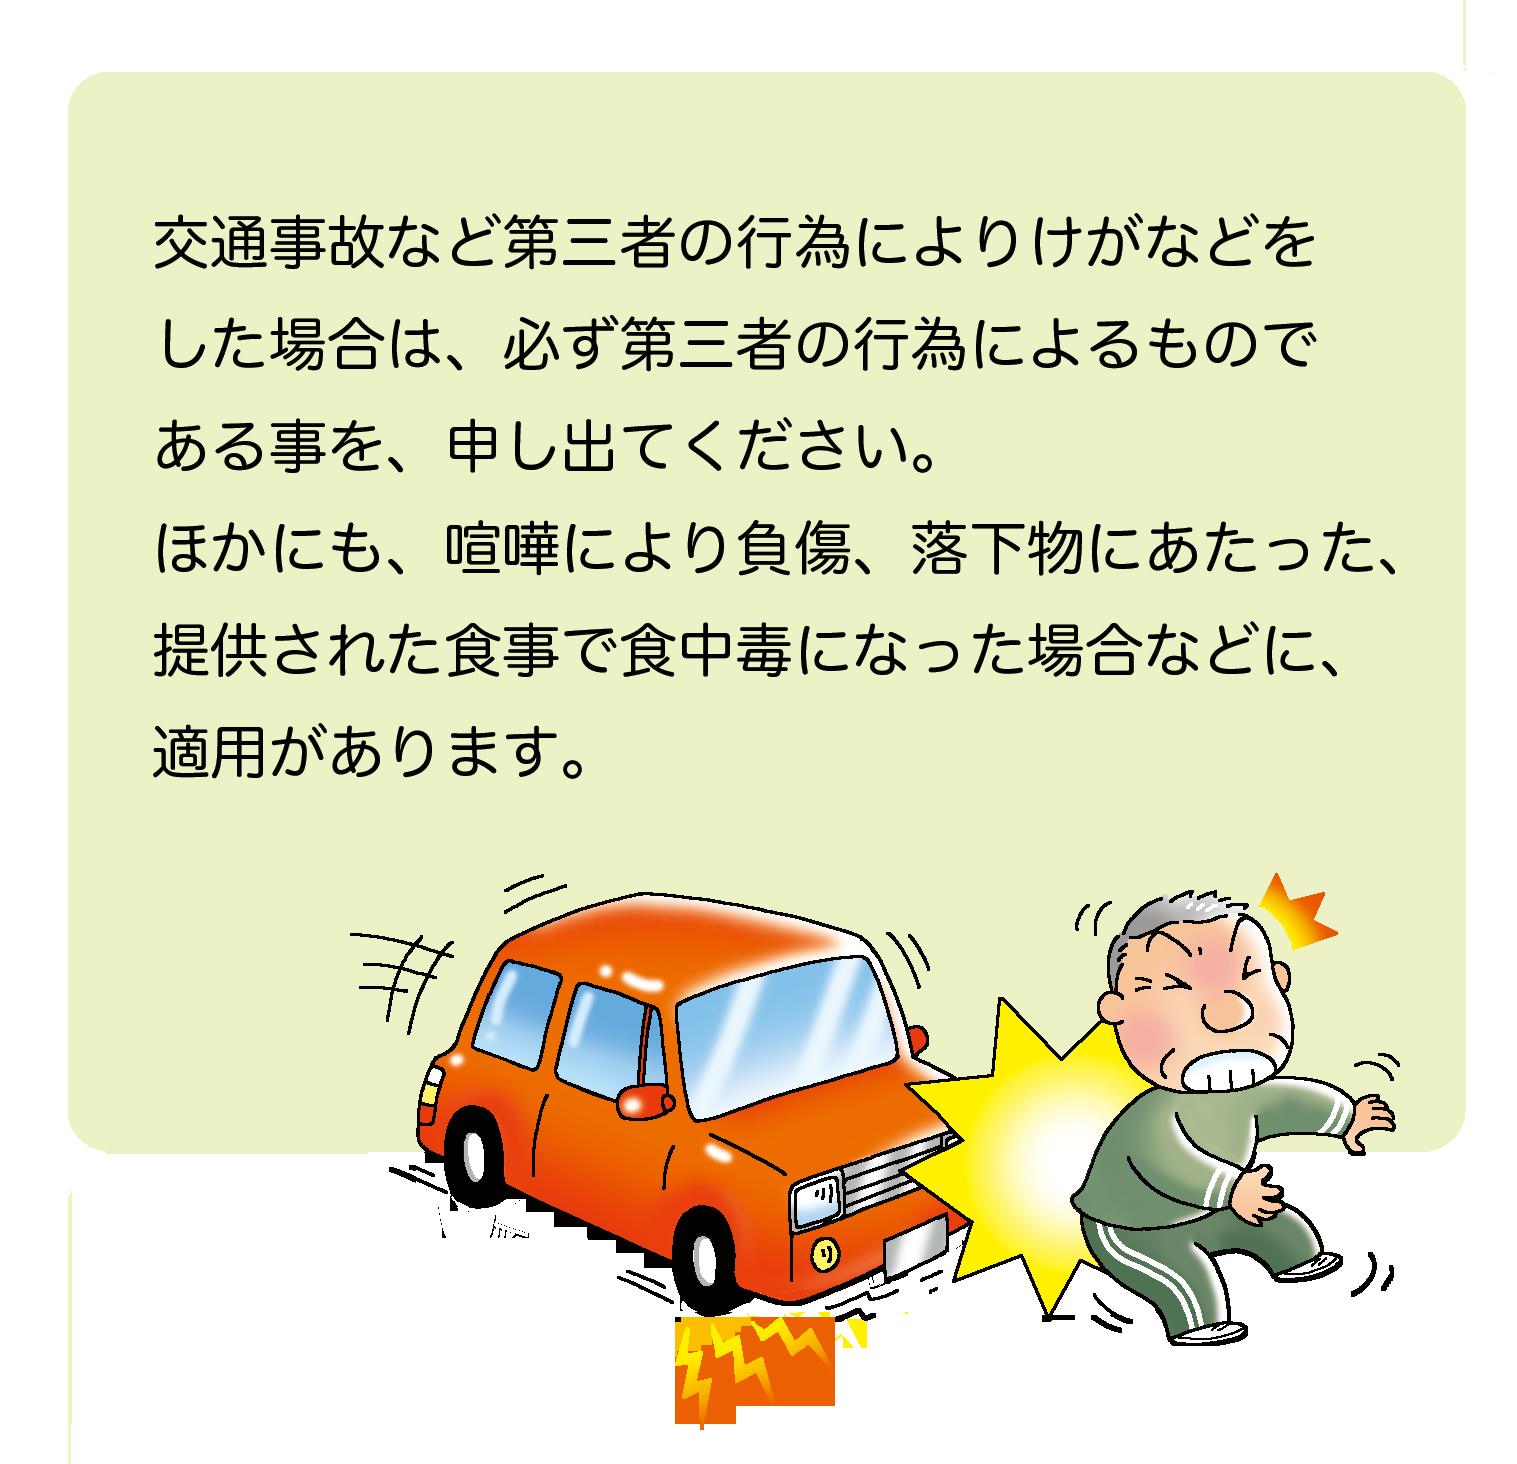 交通事故などの第三者の行為によりけがなどをした場合は、必ず申し出て下さい。